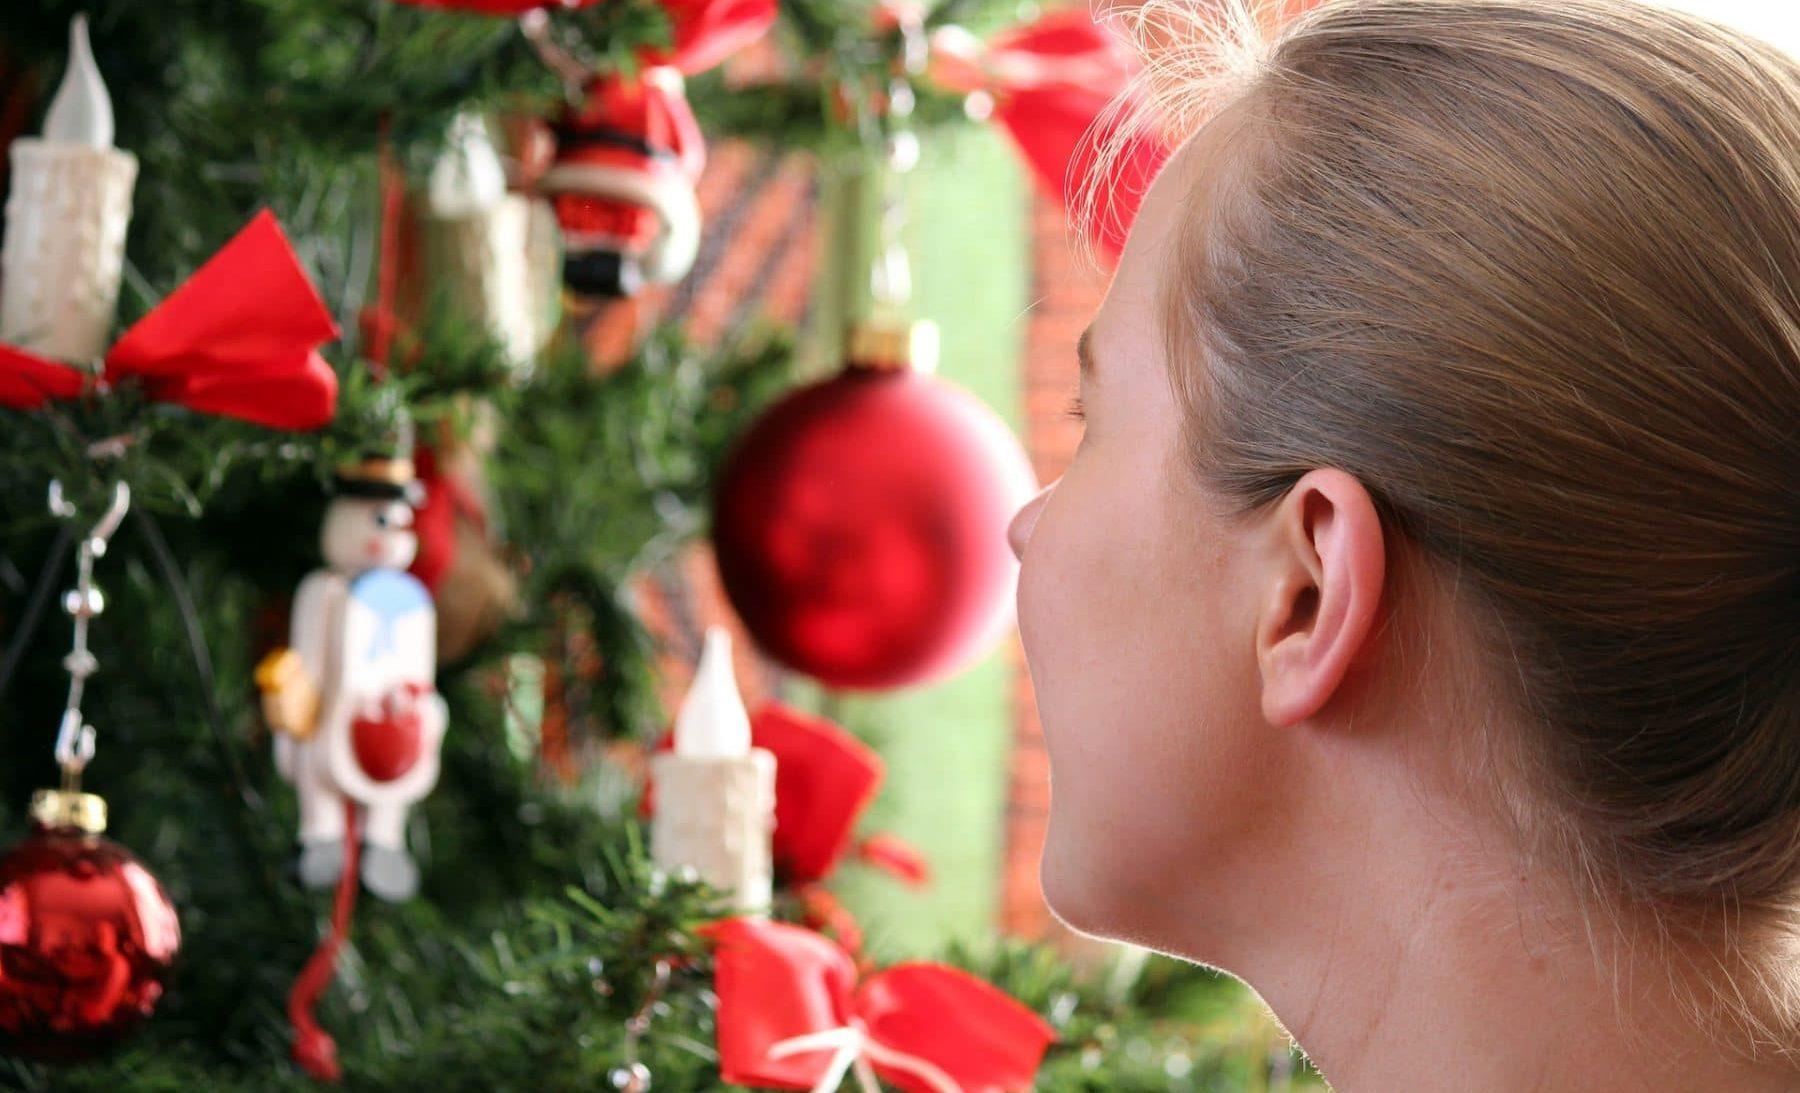 Mädchen schaut geschmückten Weihnachtsbaum an